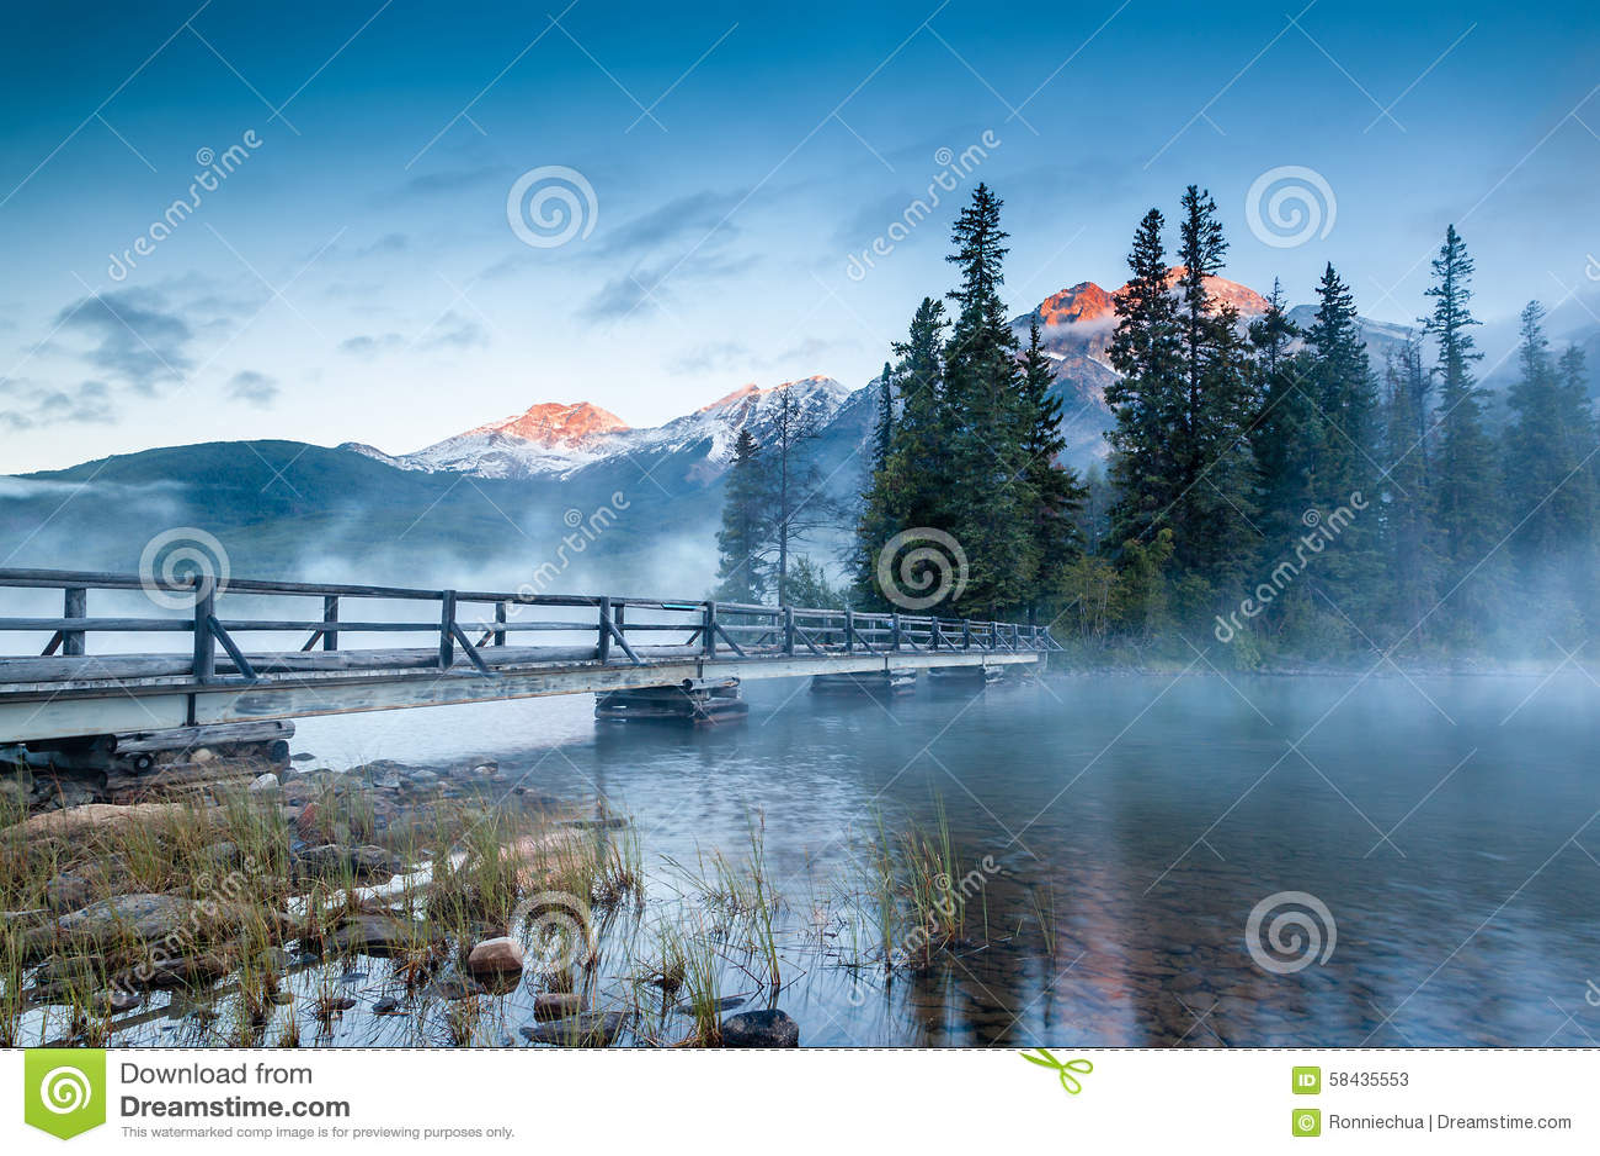 Kanadische Landschaft: Misty Sunrise am Pyramid See im Jaspis, Alb